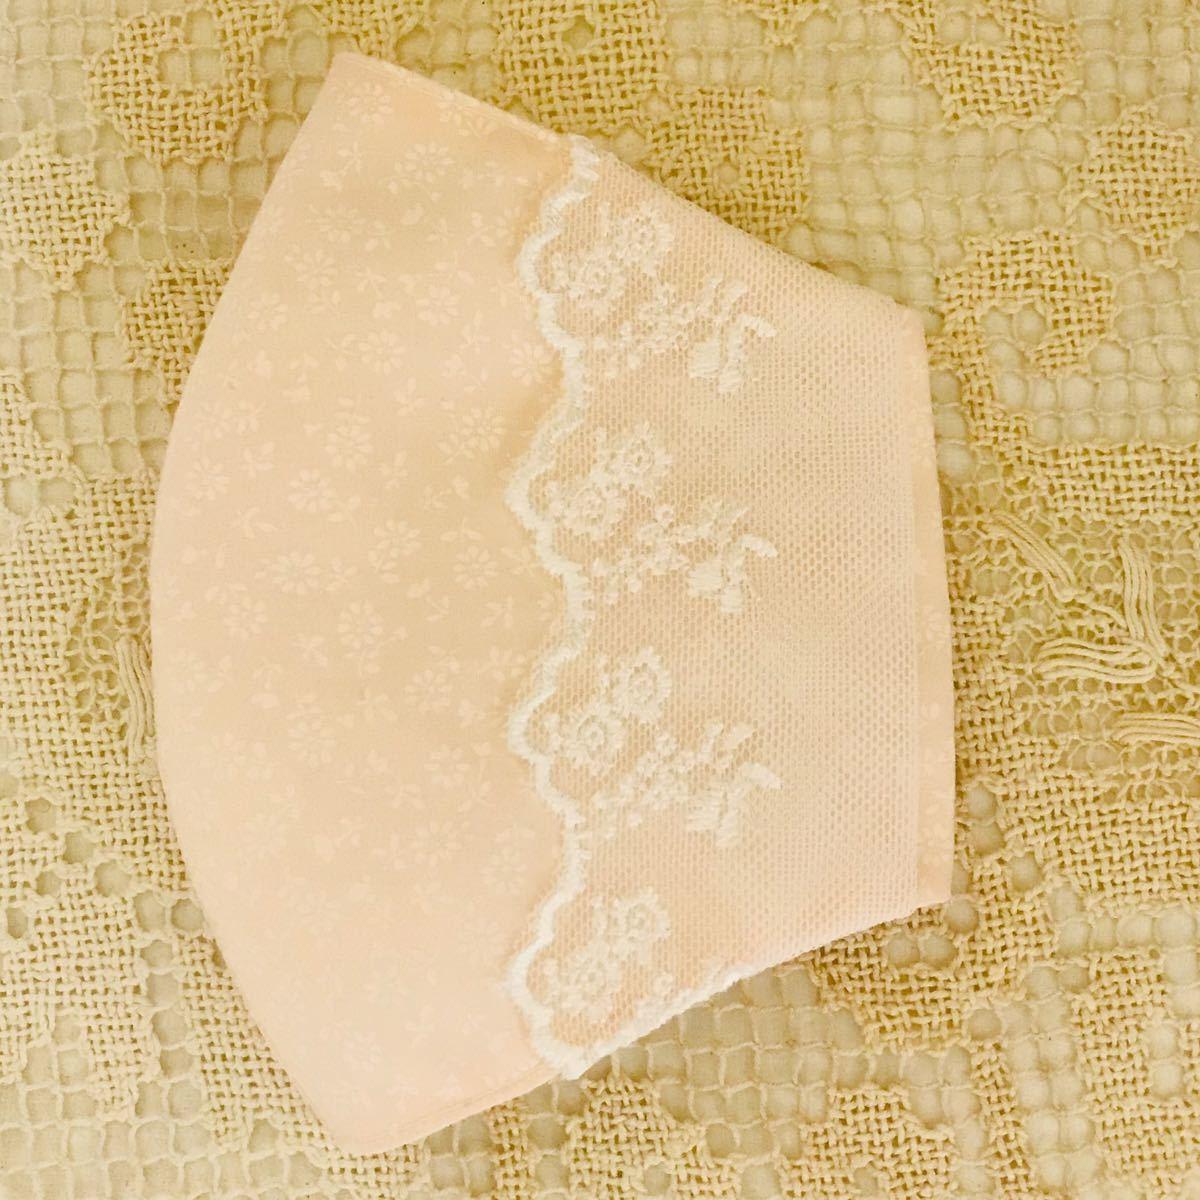 ハンドメイド立体インナー(2wayタイプ)ピンク小花柄プリント & ホワイトチュールレース